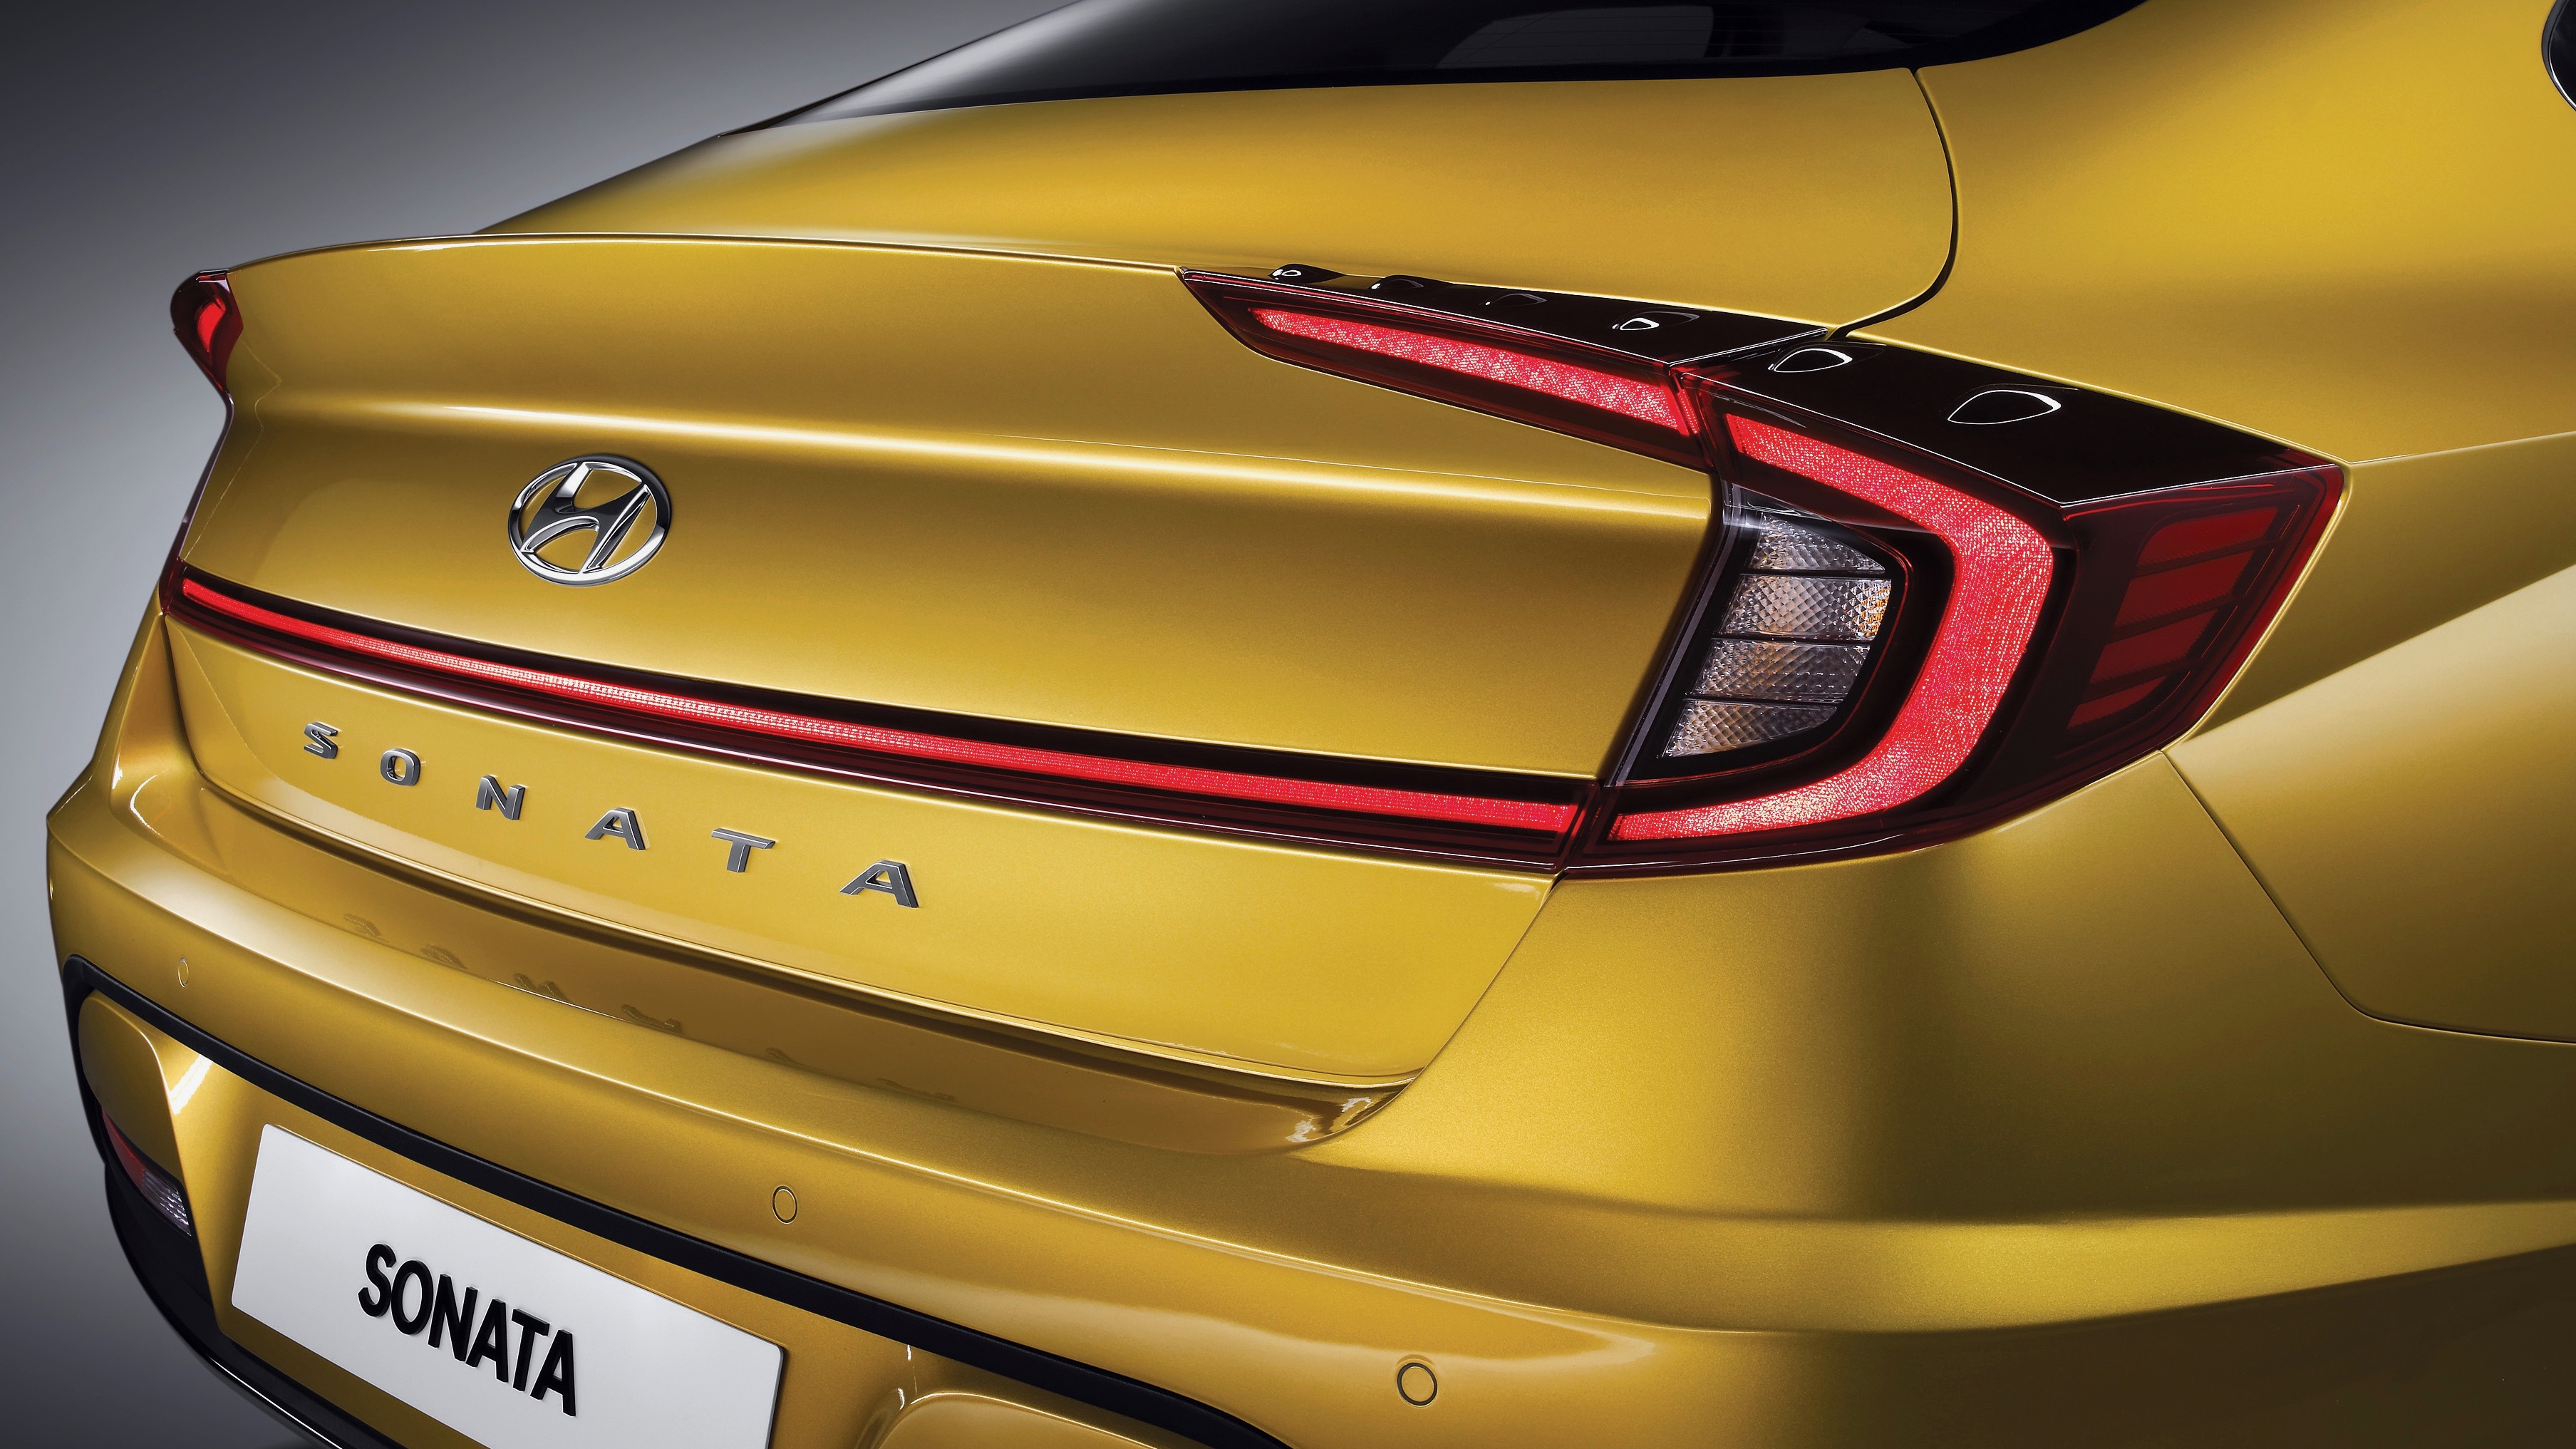 Una de las características más notables del diseño del Hyundai Sonata 2020, son sus conjuntos ópticos del cual se derivan las líneas que conectan las varias secciones del nuevo modelo.<br/><br/>Hyundai no dio a conocer detalles técnicos del nuevo Sonata 2020.